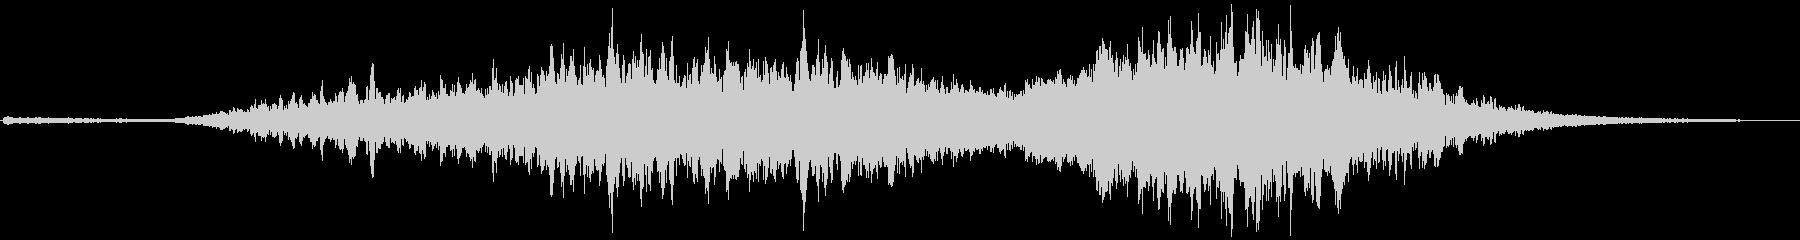 PADS ダークフェイザー01の未再生の波形